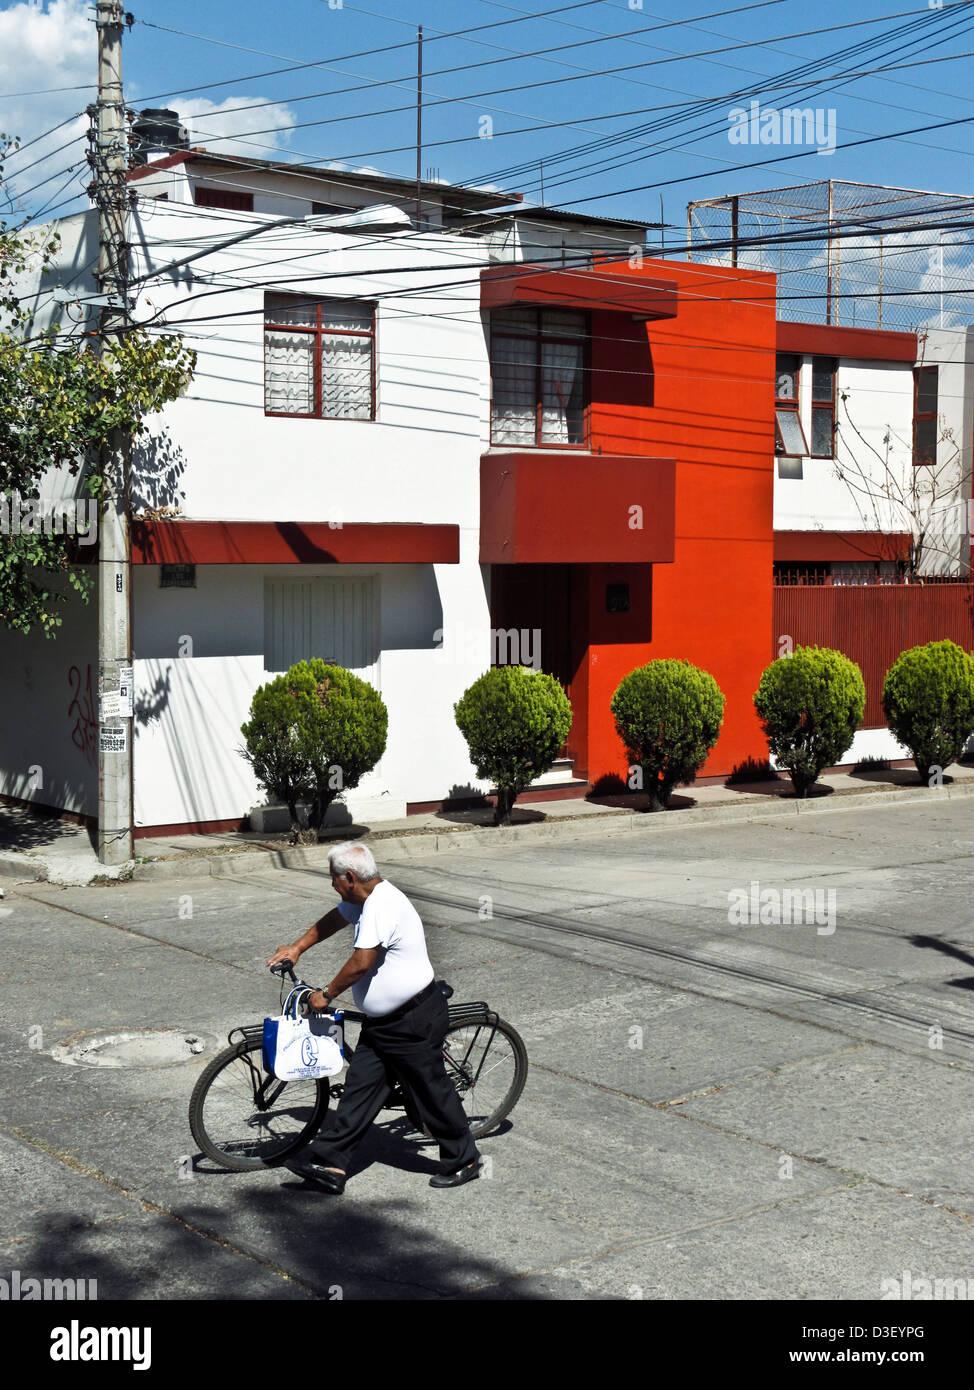 Argento messicano dai capelli uomo ruote bicicletta attraverso il passaggio di intersezione casa moderna con una Immagini Stock